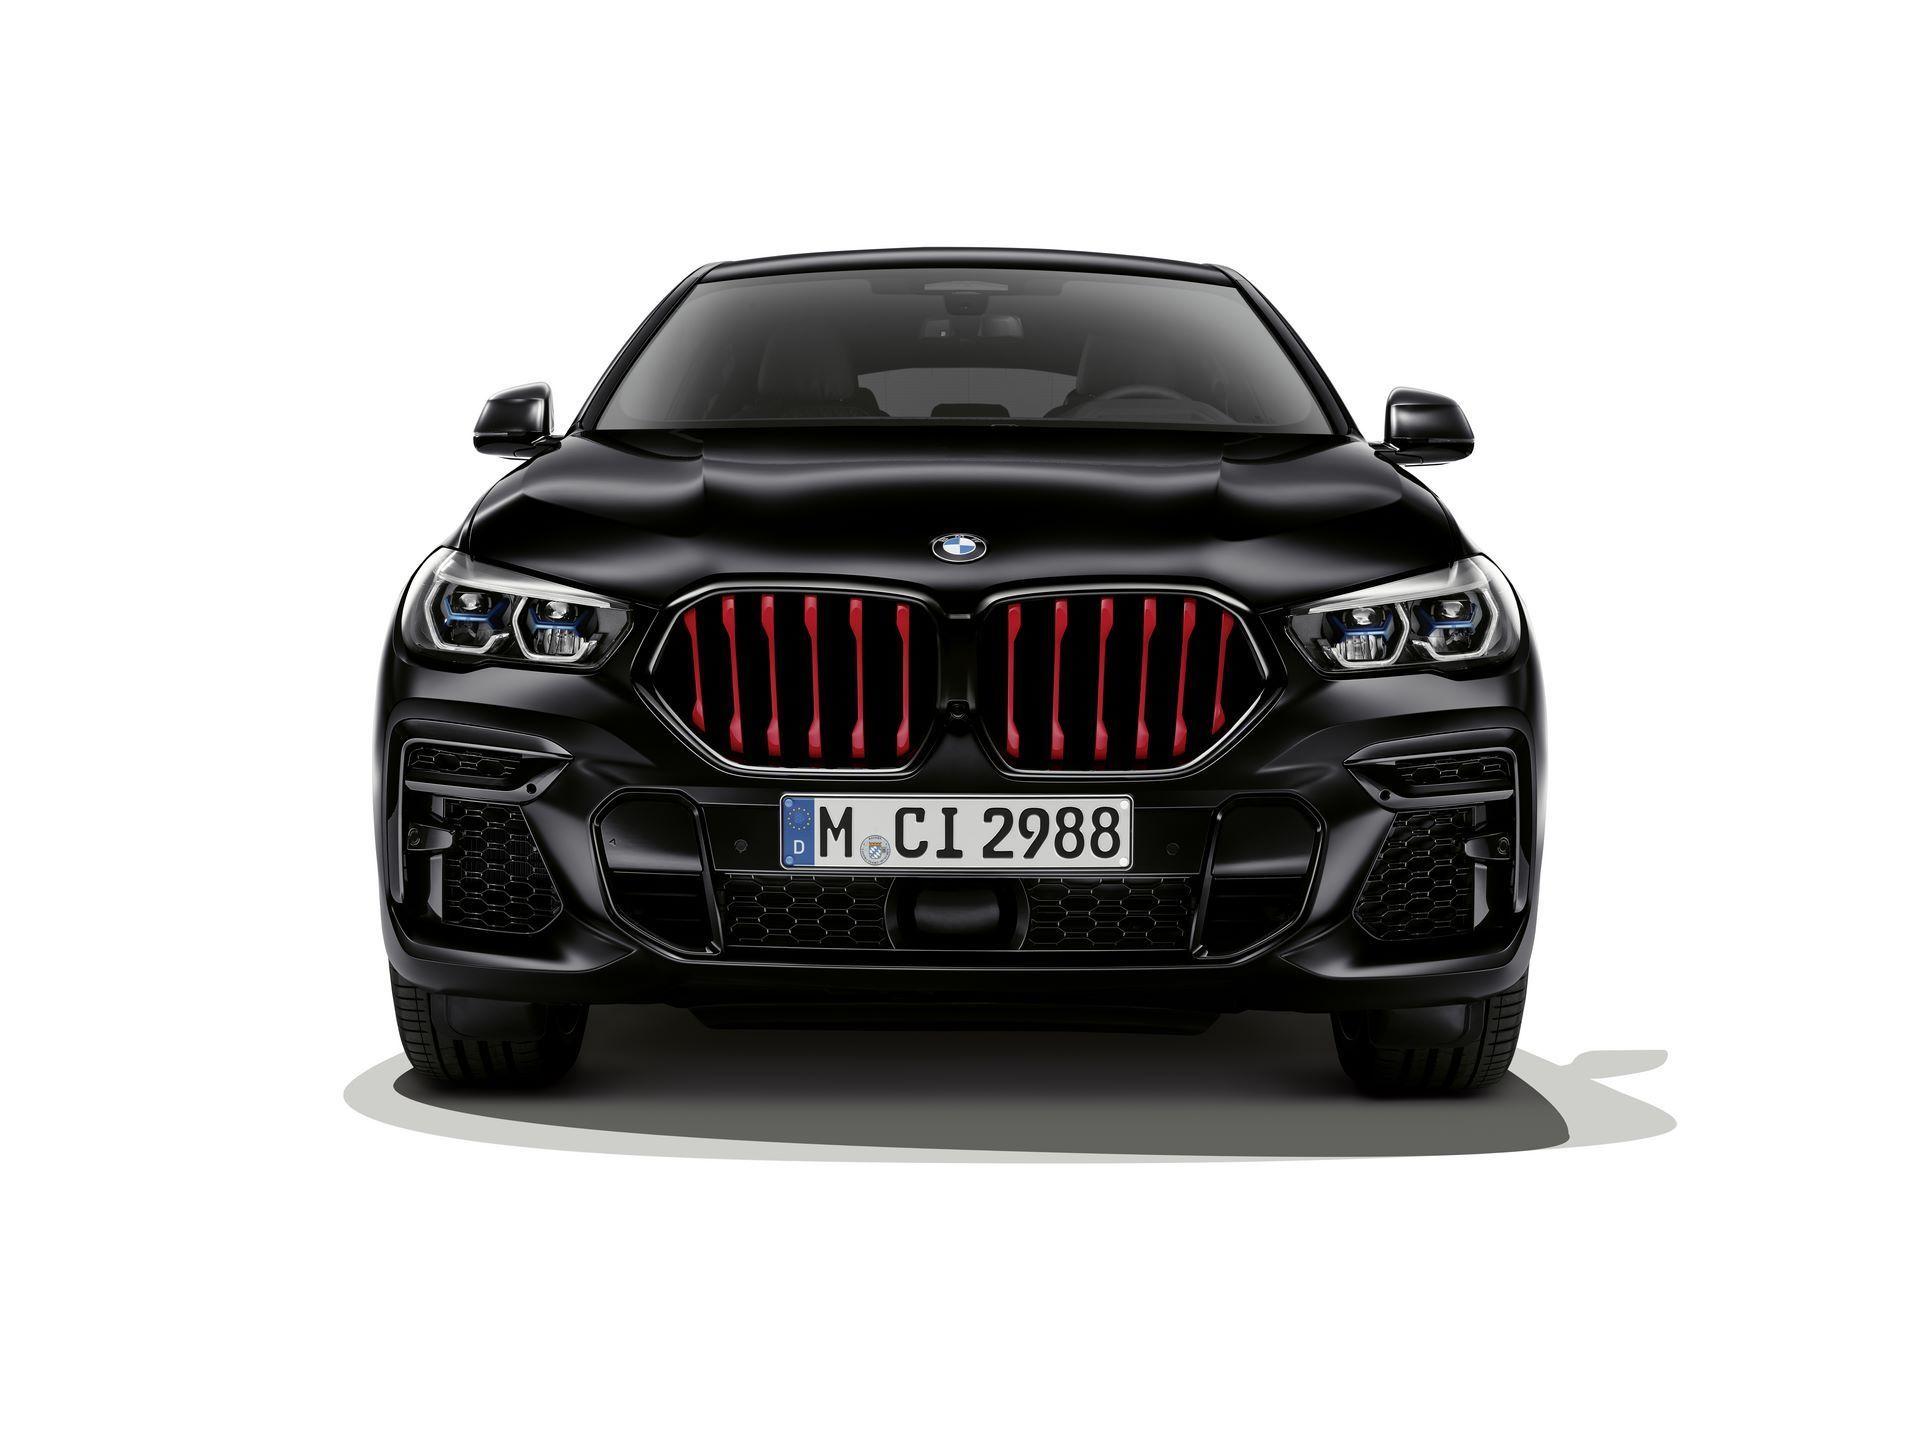 BMW-X5-Χ6-Black-Vermilion-X7-Limited-Edition-39